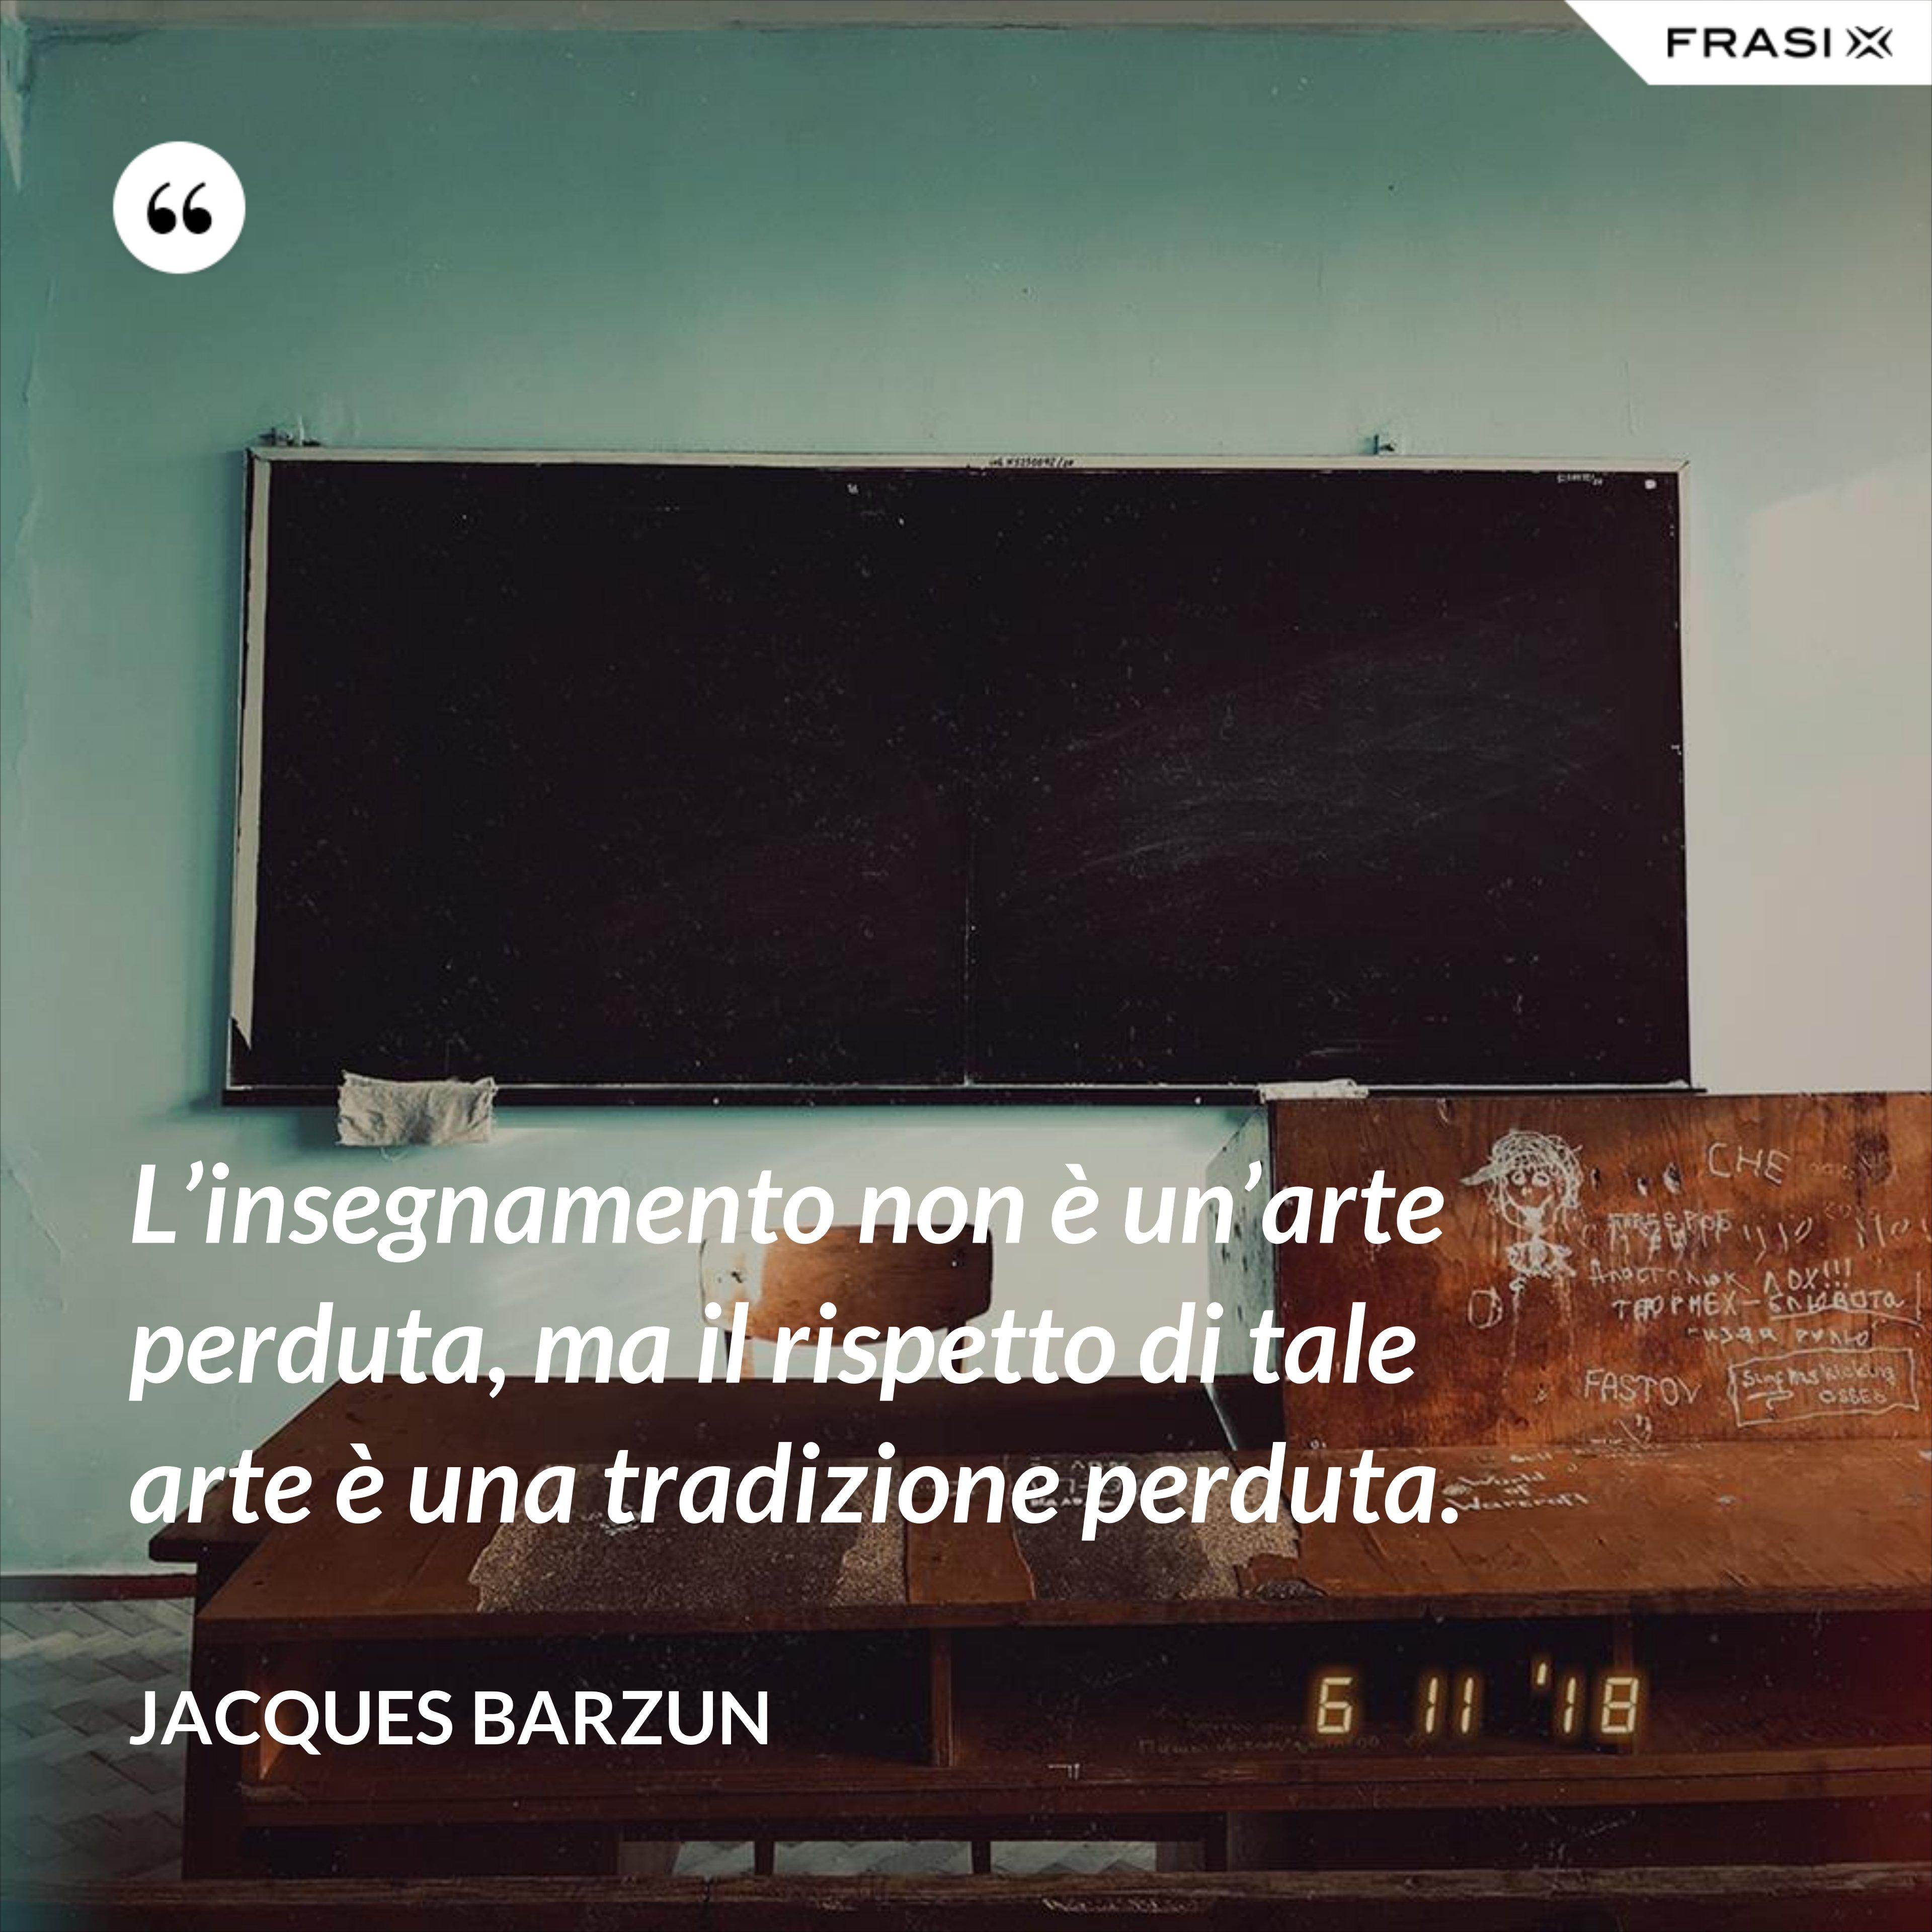 L'insegnamento non è un'arte perduta, ma il rispetto di tale arte è una tradizione perduta. - Jacques Barzun